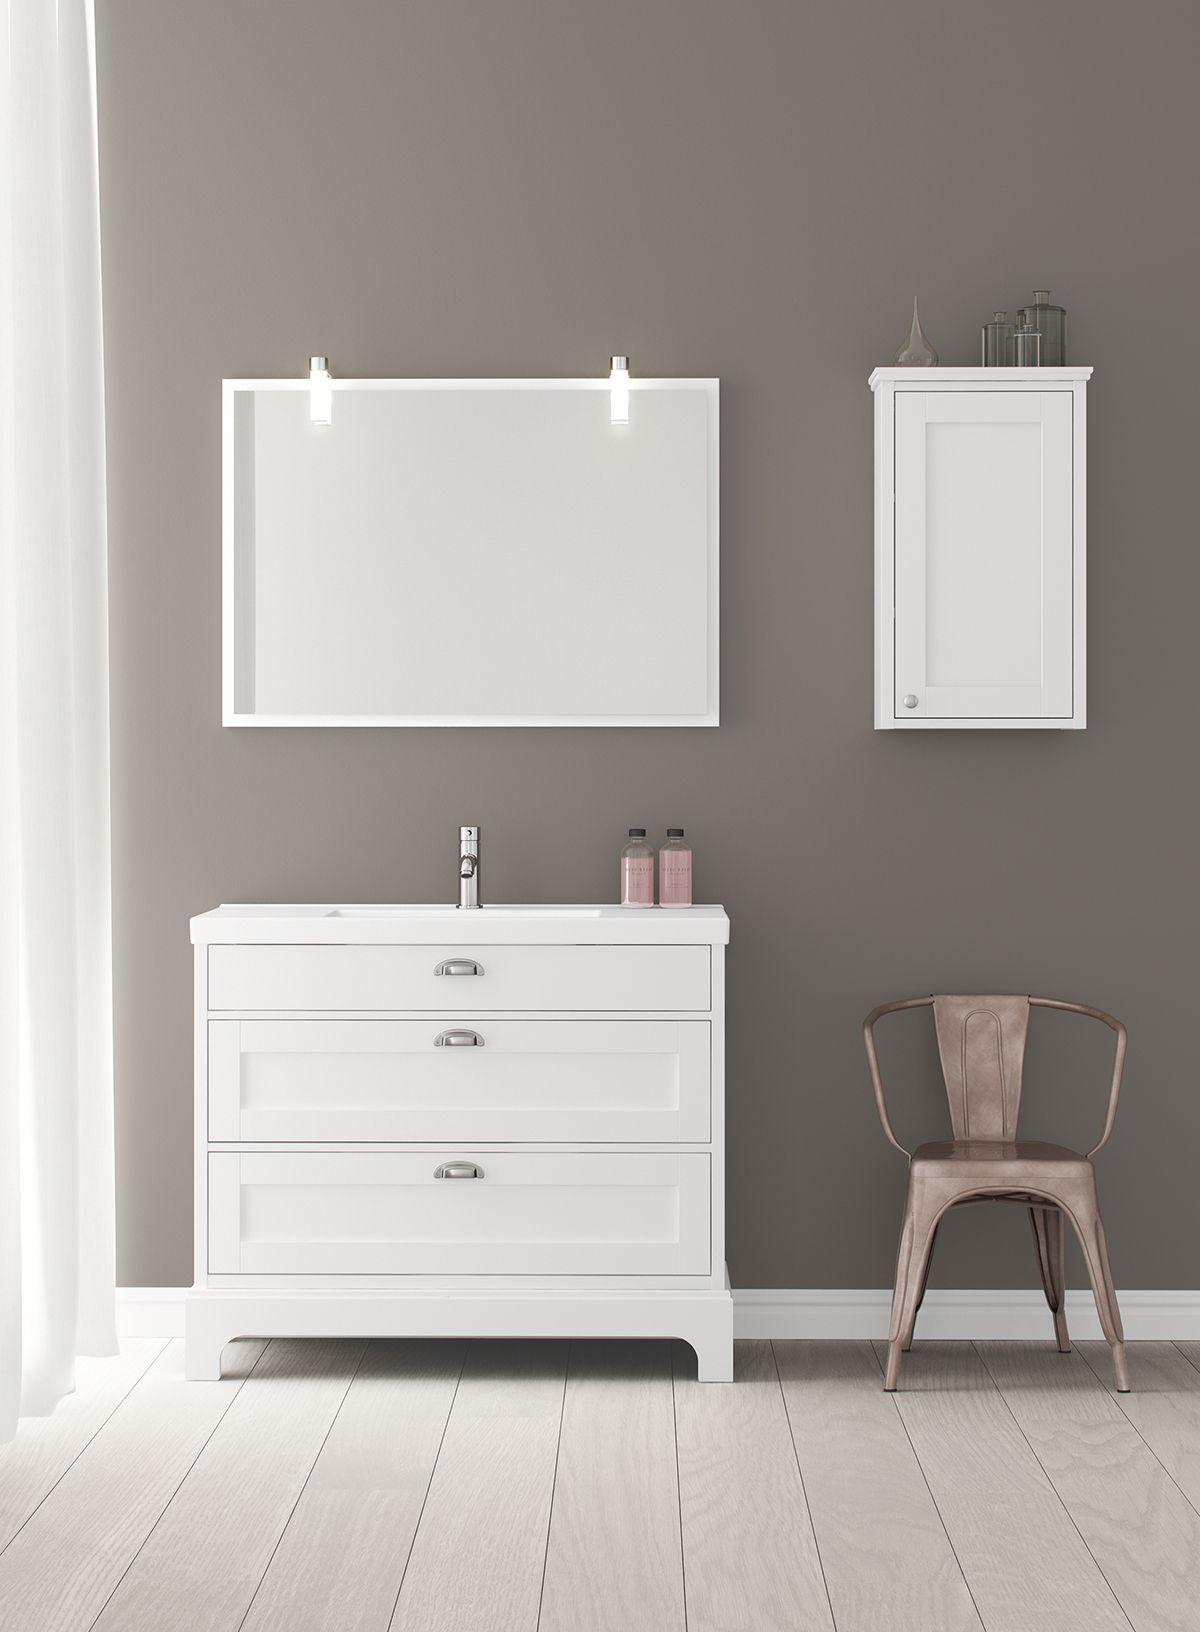 Badrumsinspiration för badrum i olika stilar och storlekar Sök inspiration till badrum i